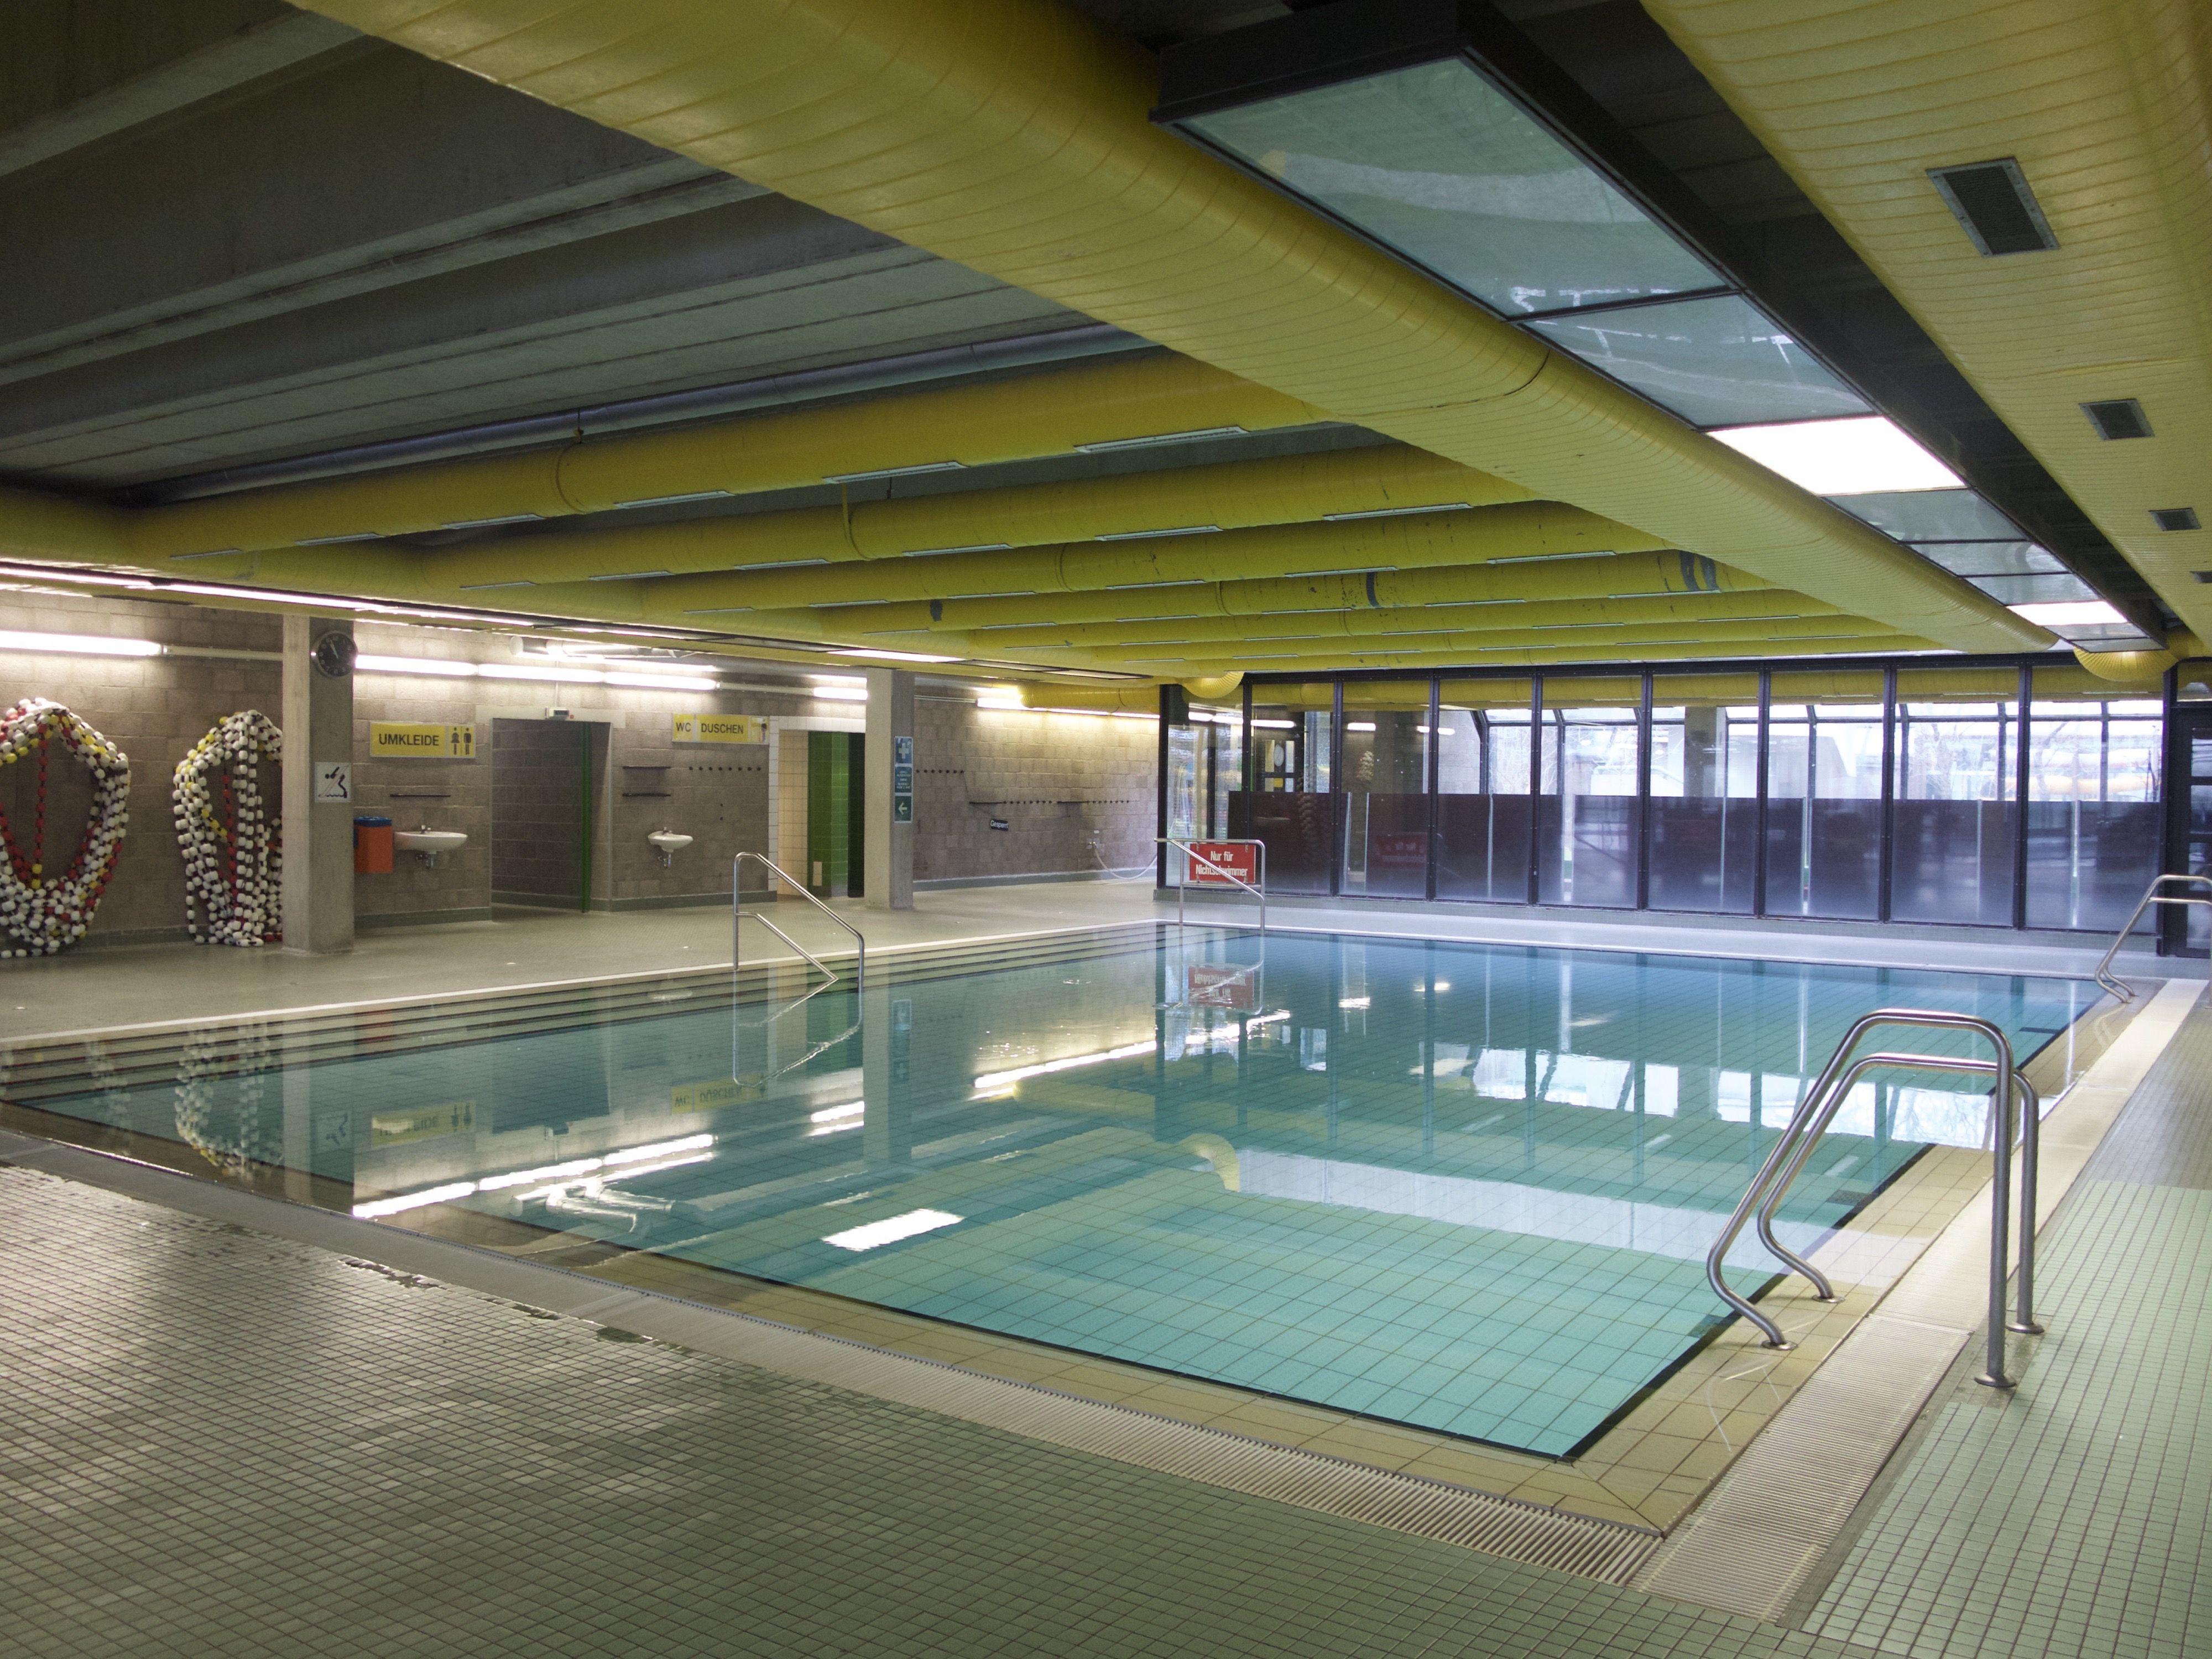 Bildergalerie b rgerinitiative pro unibad schwimmbad for Finckensteinallee schwimmbad